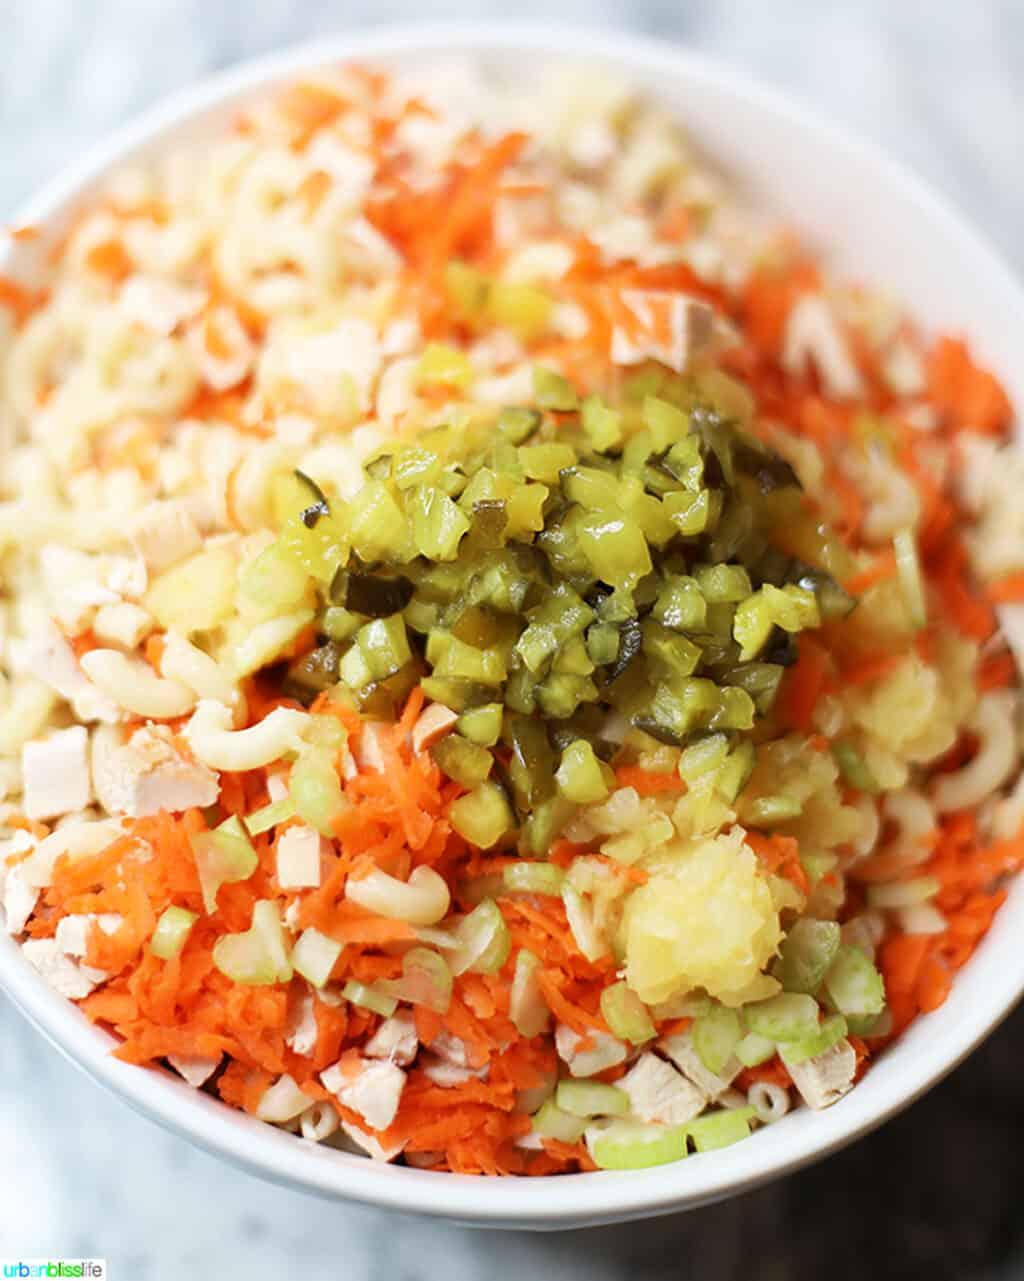 ingredients for Filipino Macaroni Salad mixing in bowl